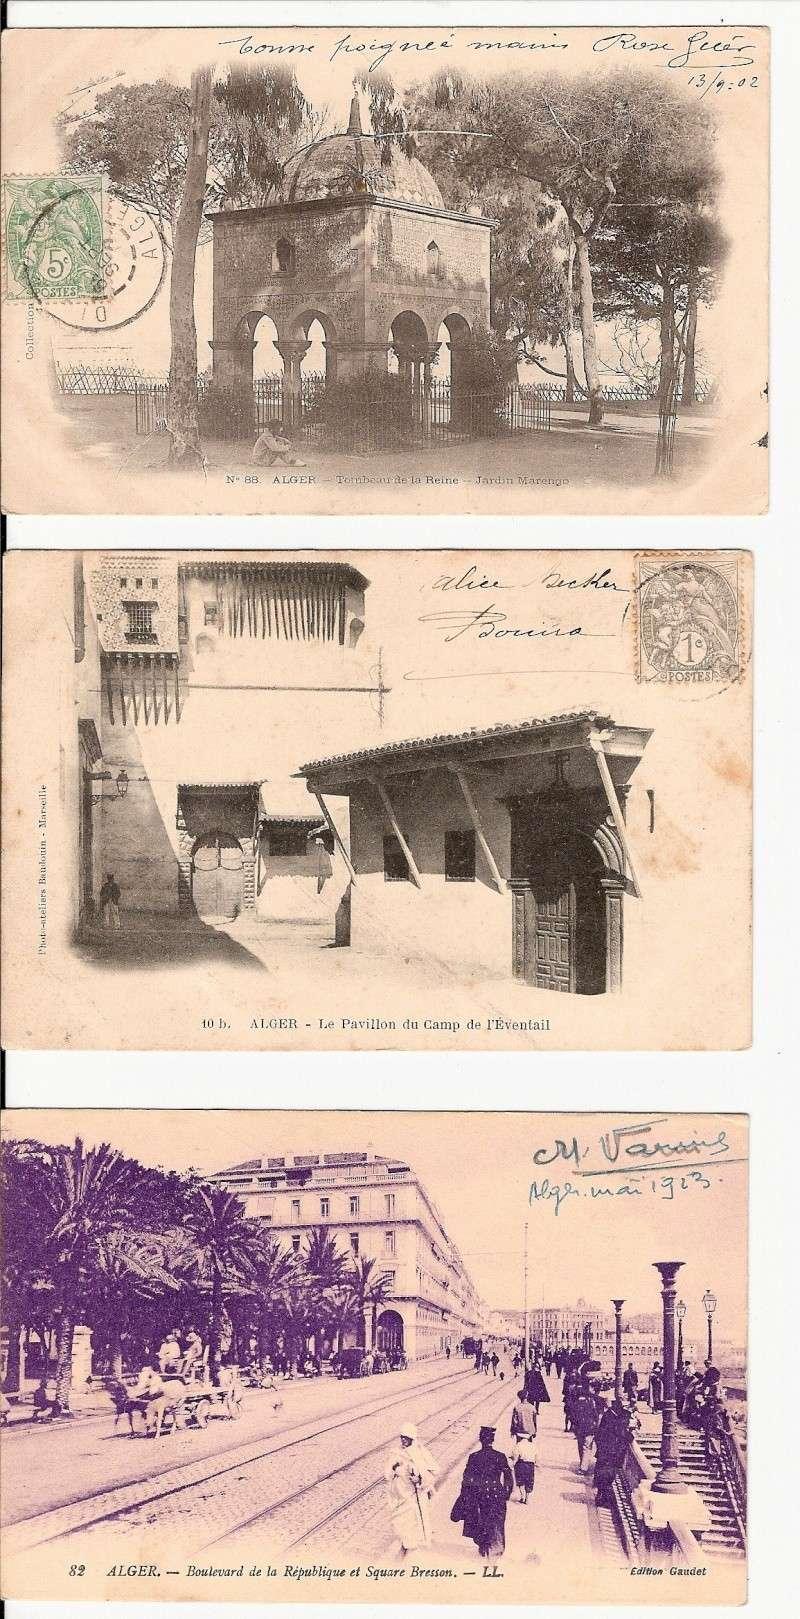 cartes postales d'algerie - Page 6 Scanne87